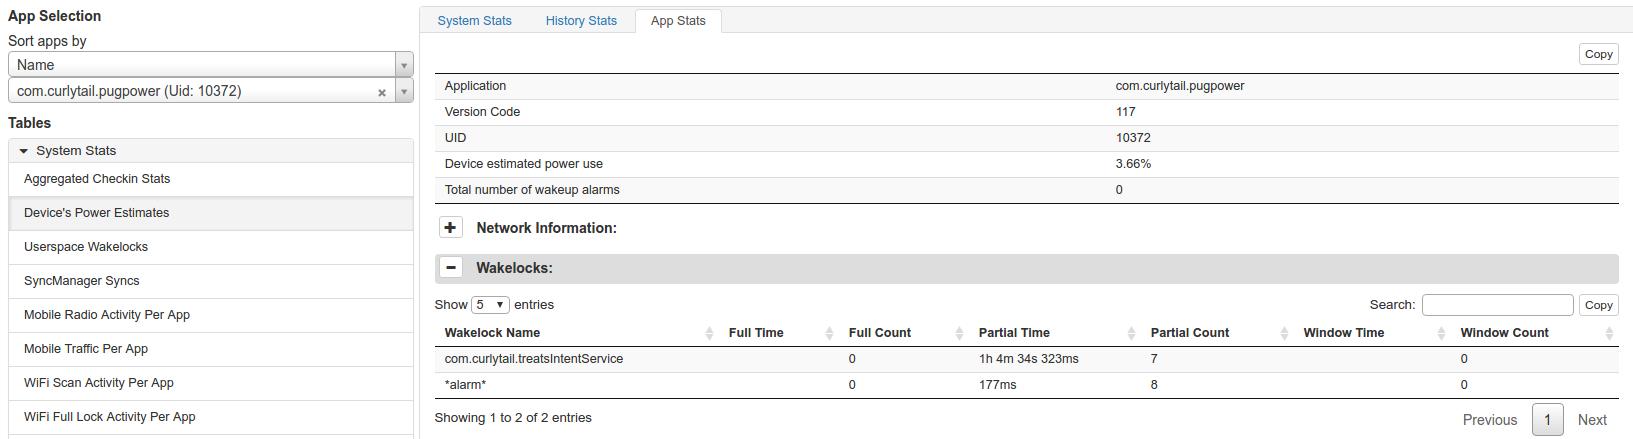 架空のアプリ「Pug Power」のテーブルデータ